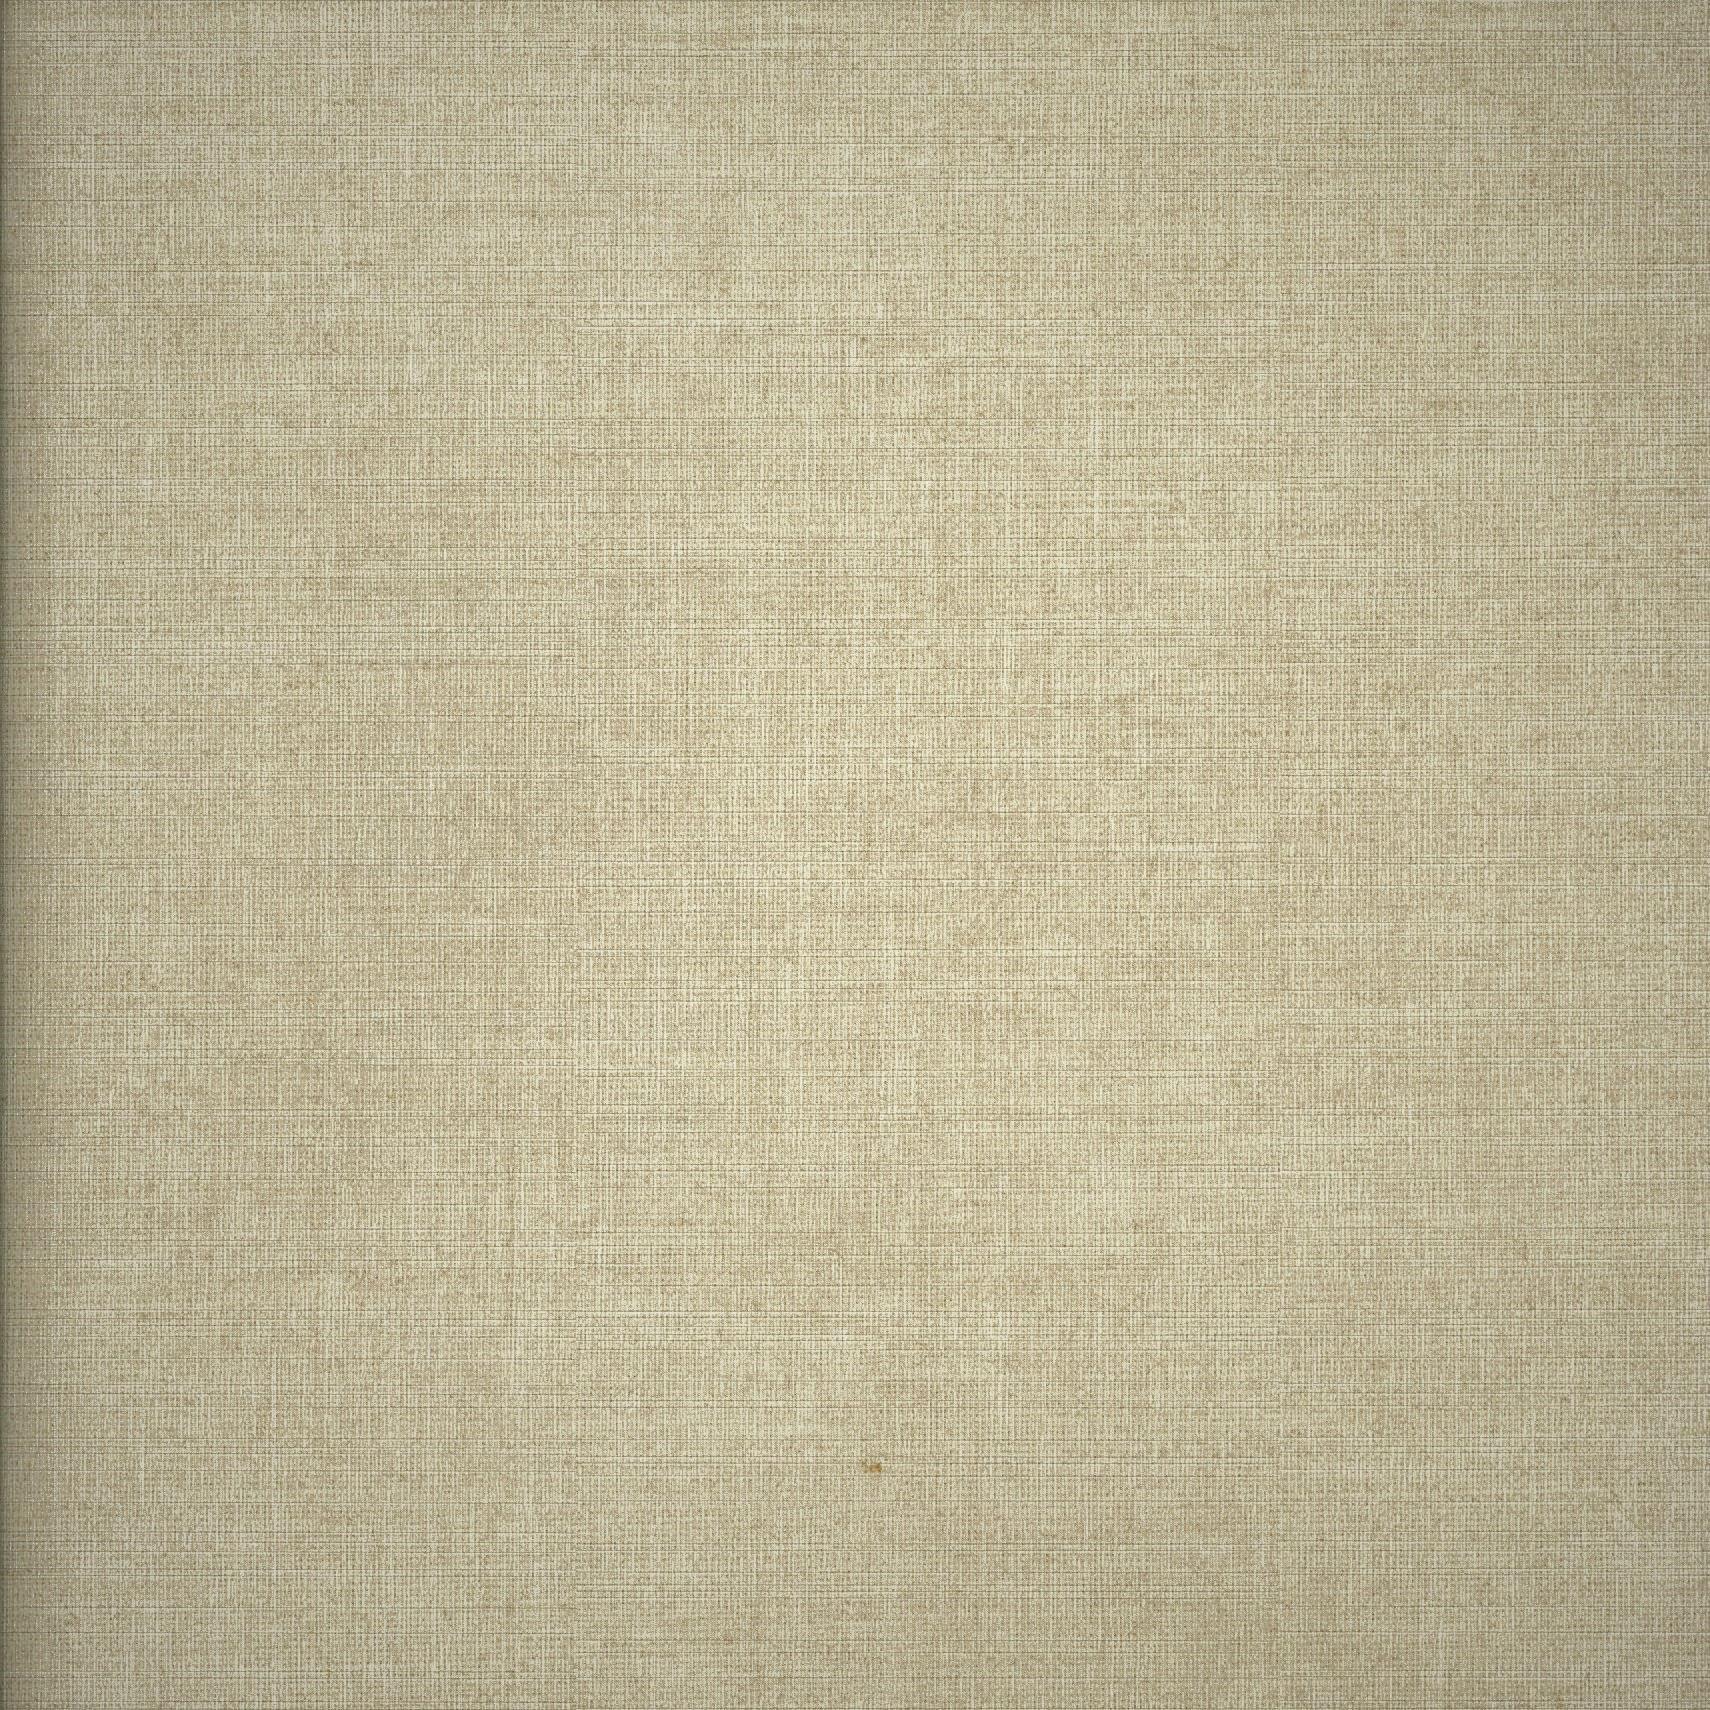 Papel de Parede Pure 2 Aspecto Têxtil Tramado 187604 - Rolo: 10m x 0,53m